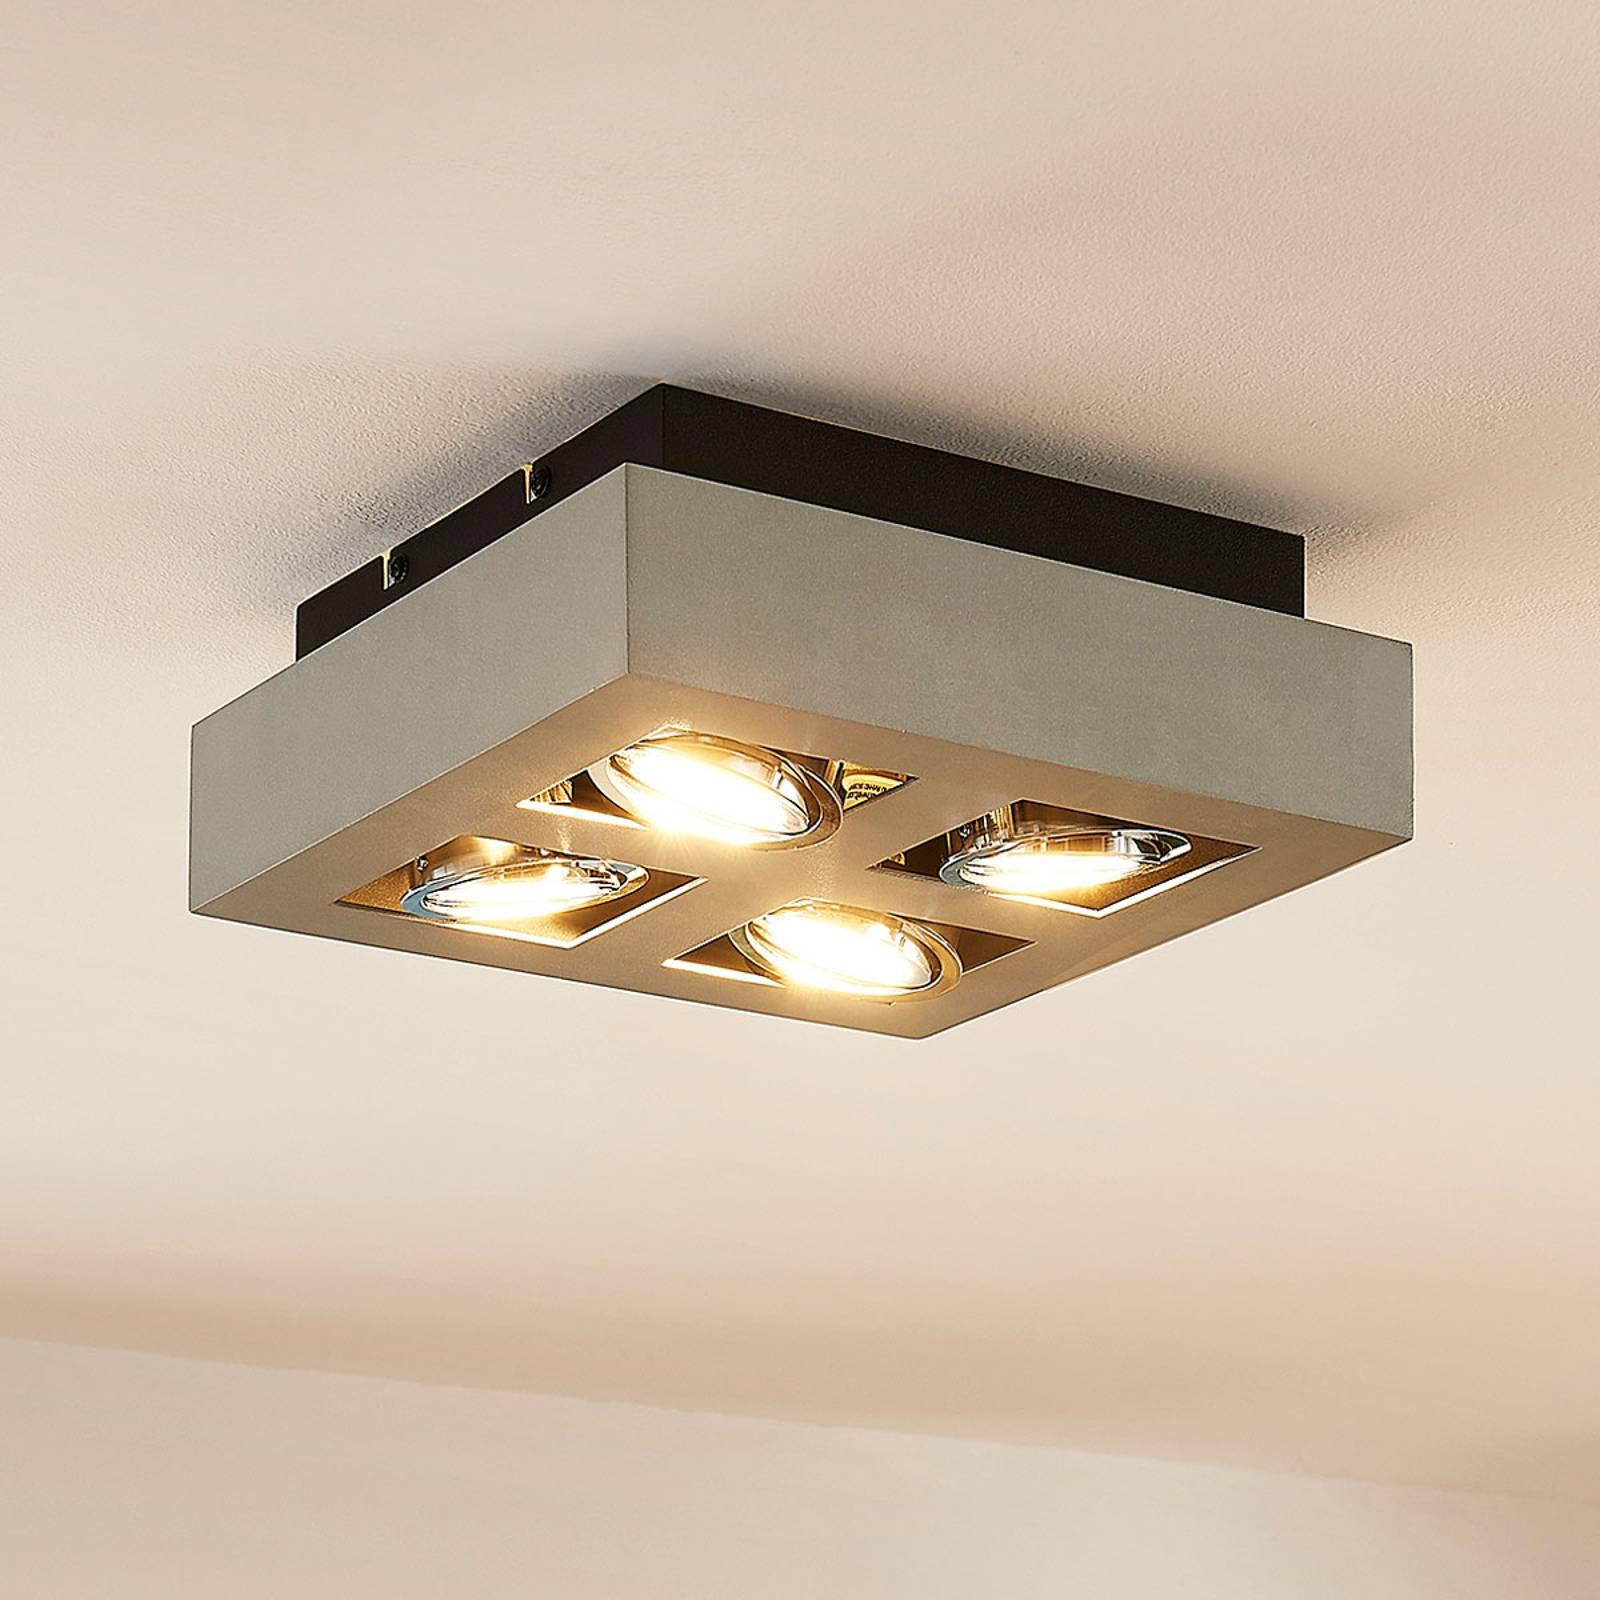 Faretto GU10 Vince con lampadine LED